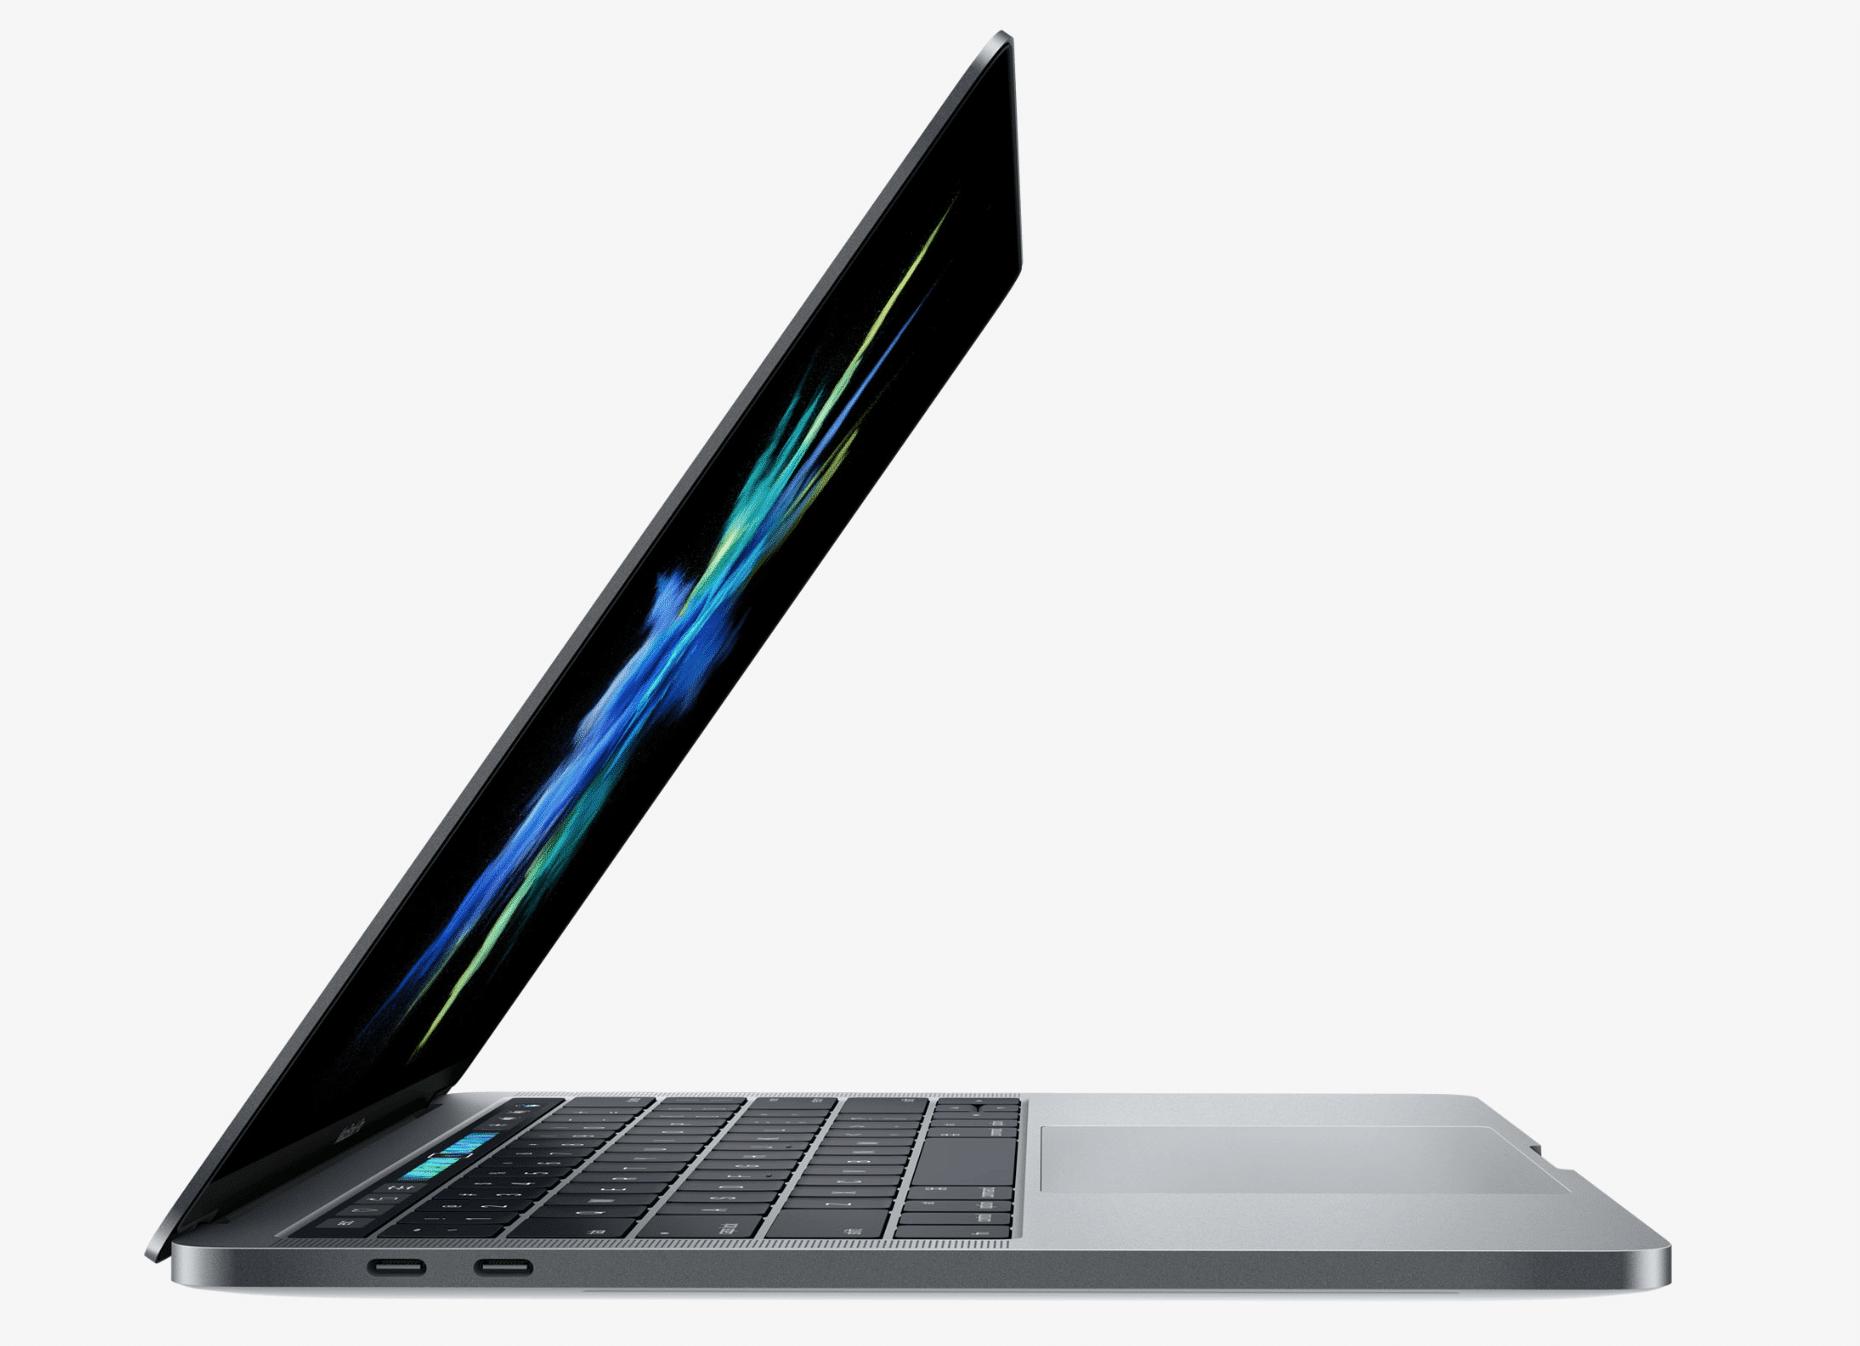 Strana MacBooku Pro 2016 skrývá rychlé porty